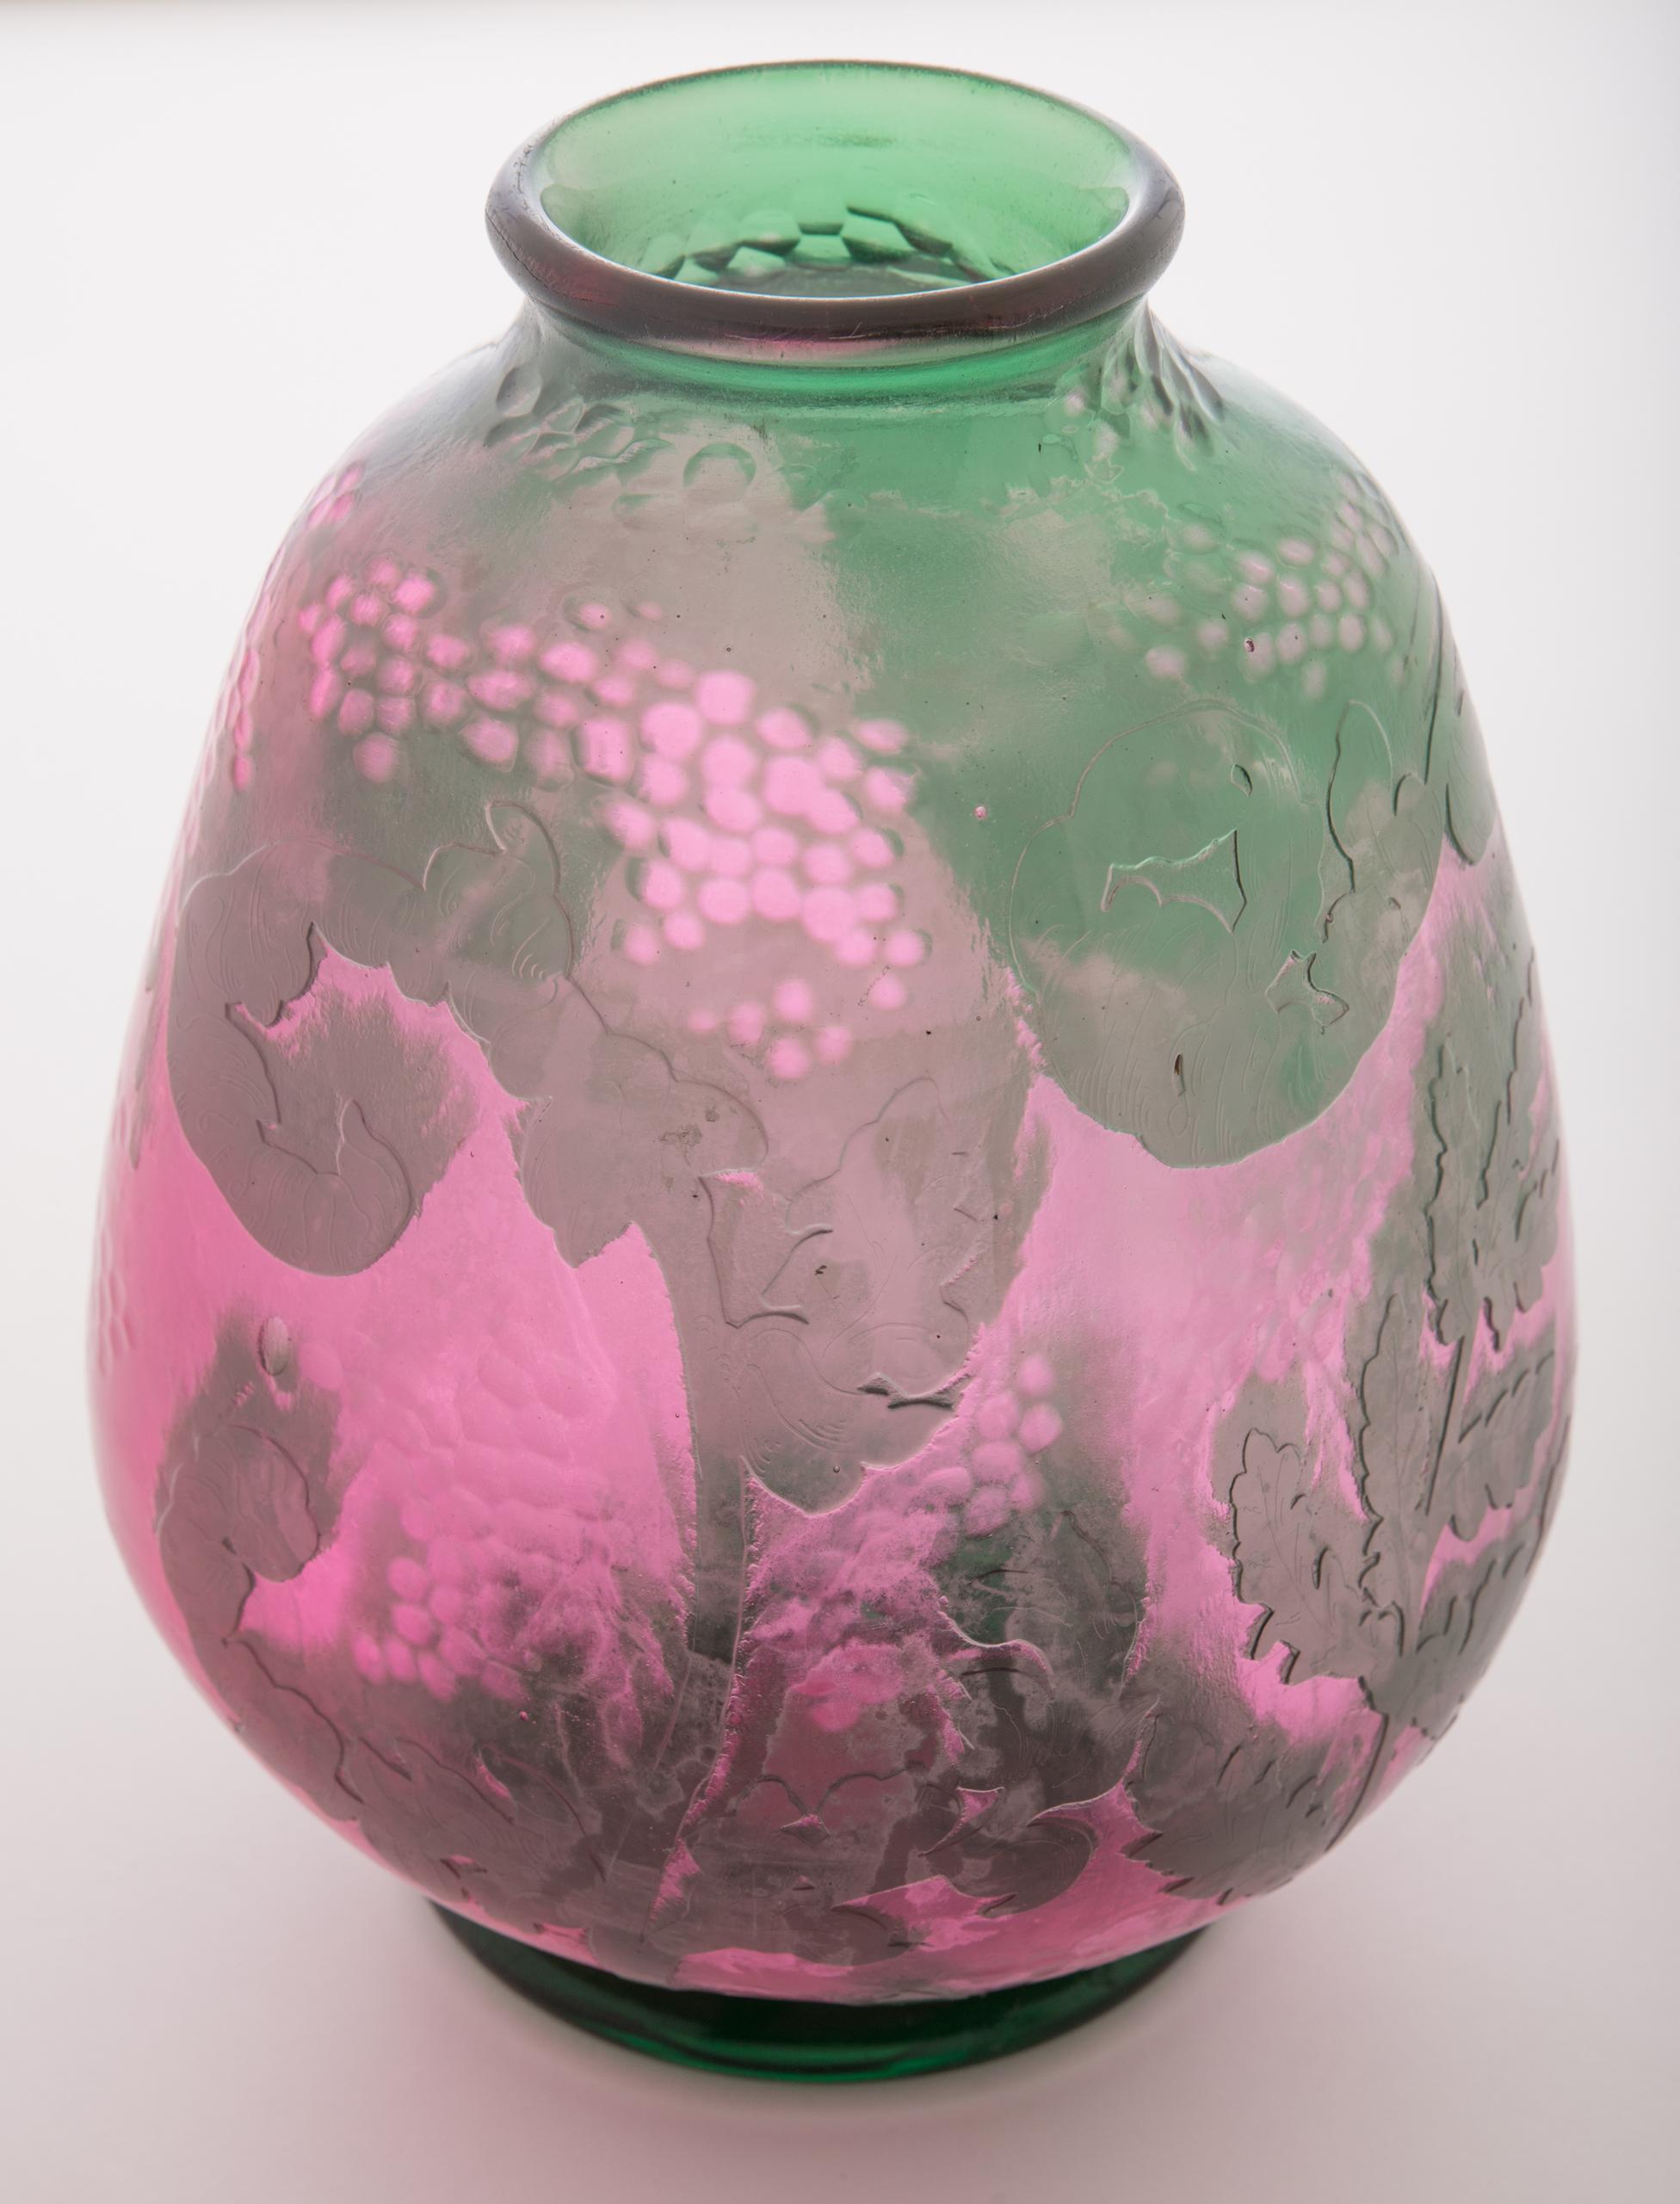 Lot 22 Daum Nancy Martele Vase Manifest Auctions